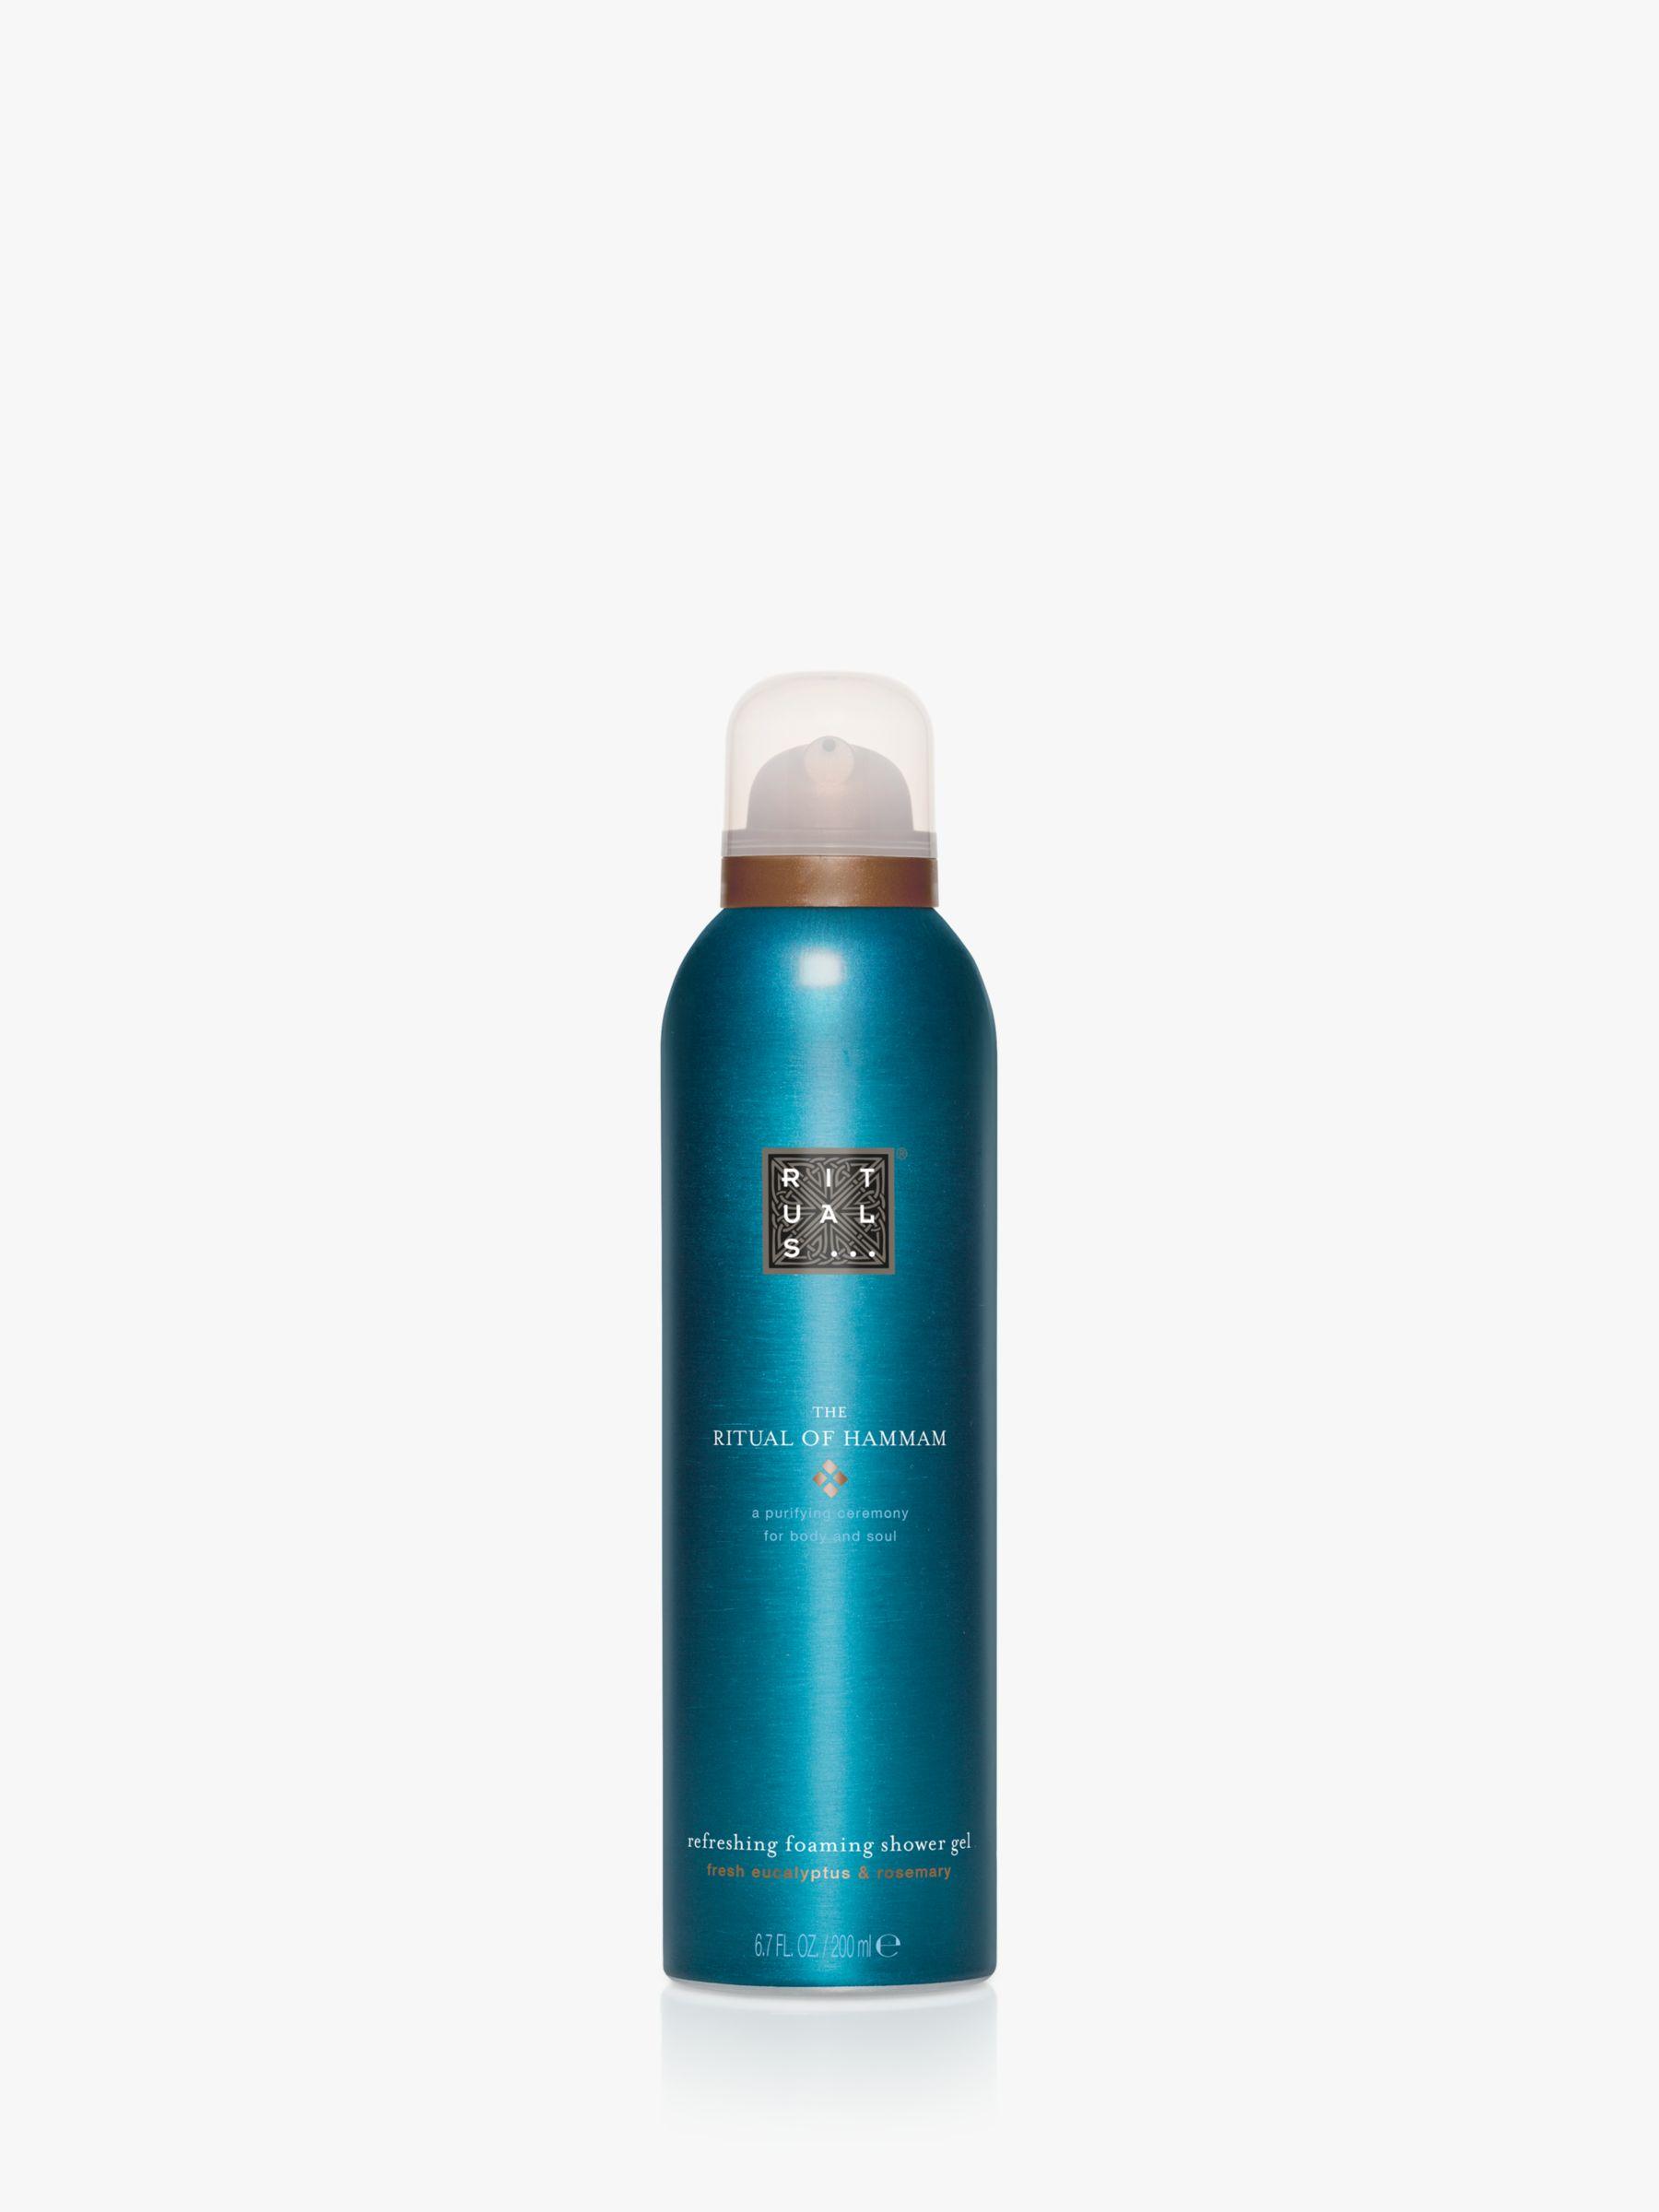 Rituals Rituals The Ritual of Hammam Refreshing Foaming Shower Gel, 200ml